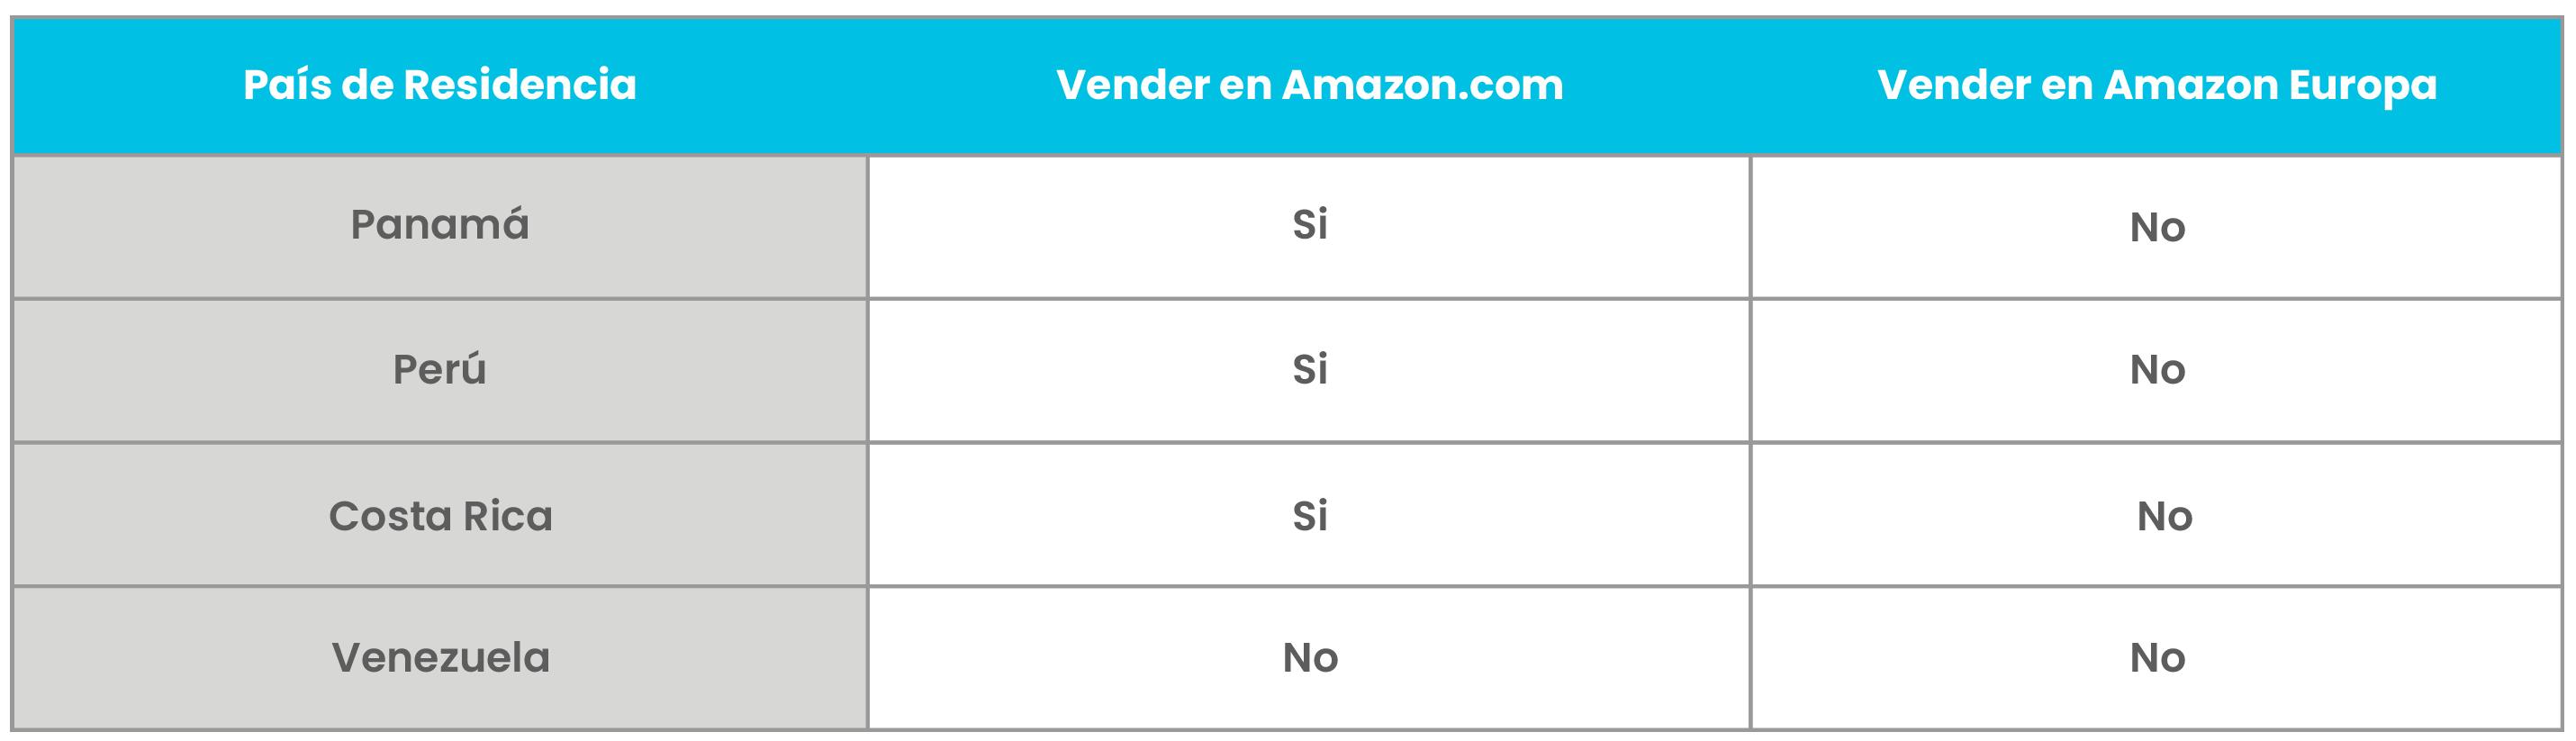 Tabla de Países que no son Mercados de Amazon